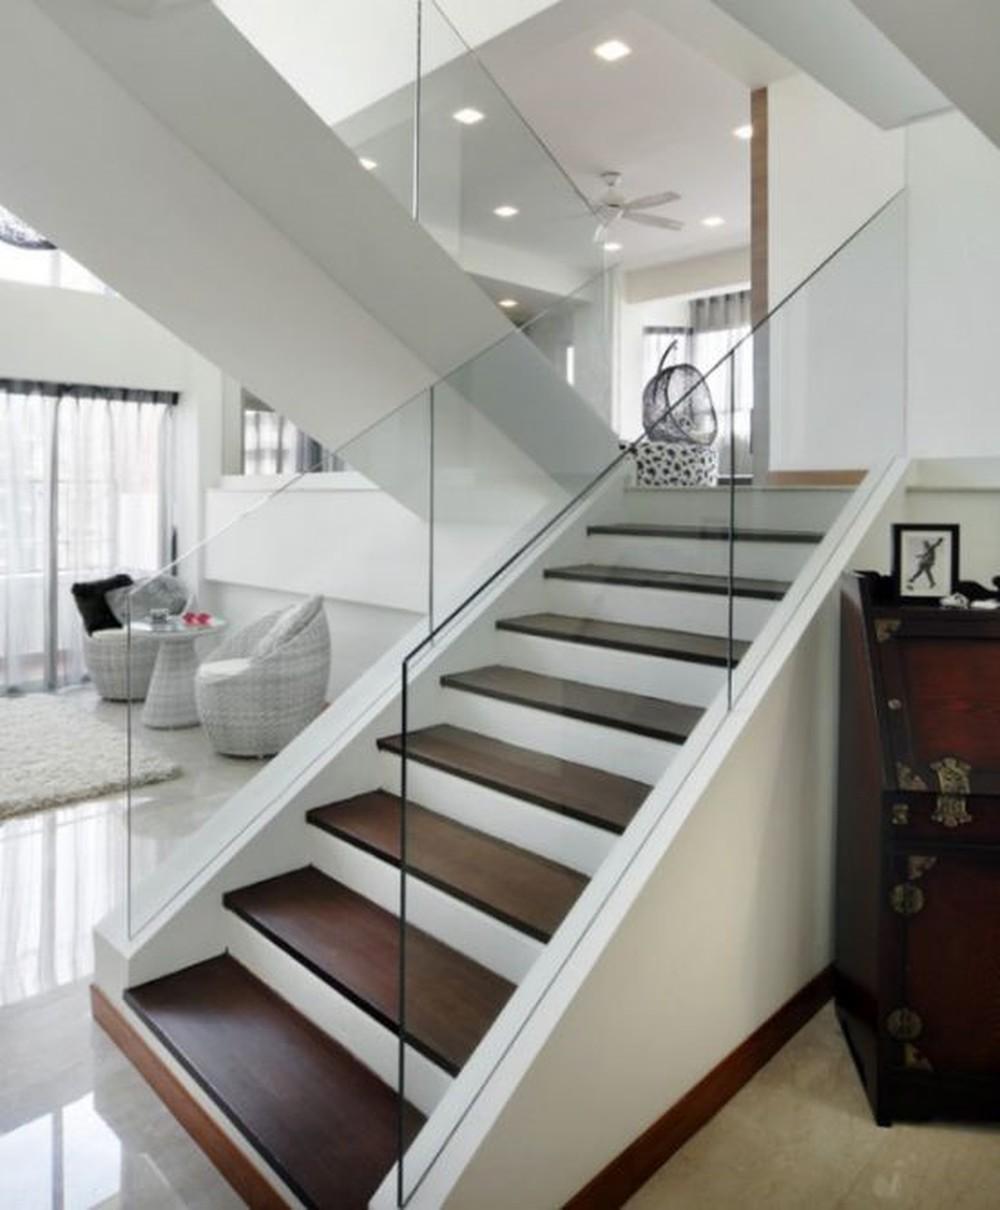 Việc sử dụng kính làm tay vịn giúp cho không gian cầu thang trông rộng gấp đôi